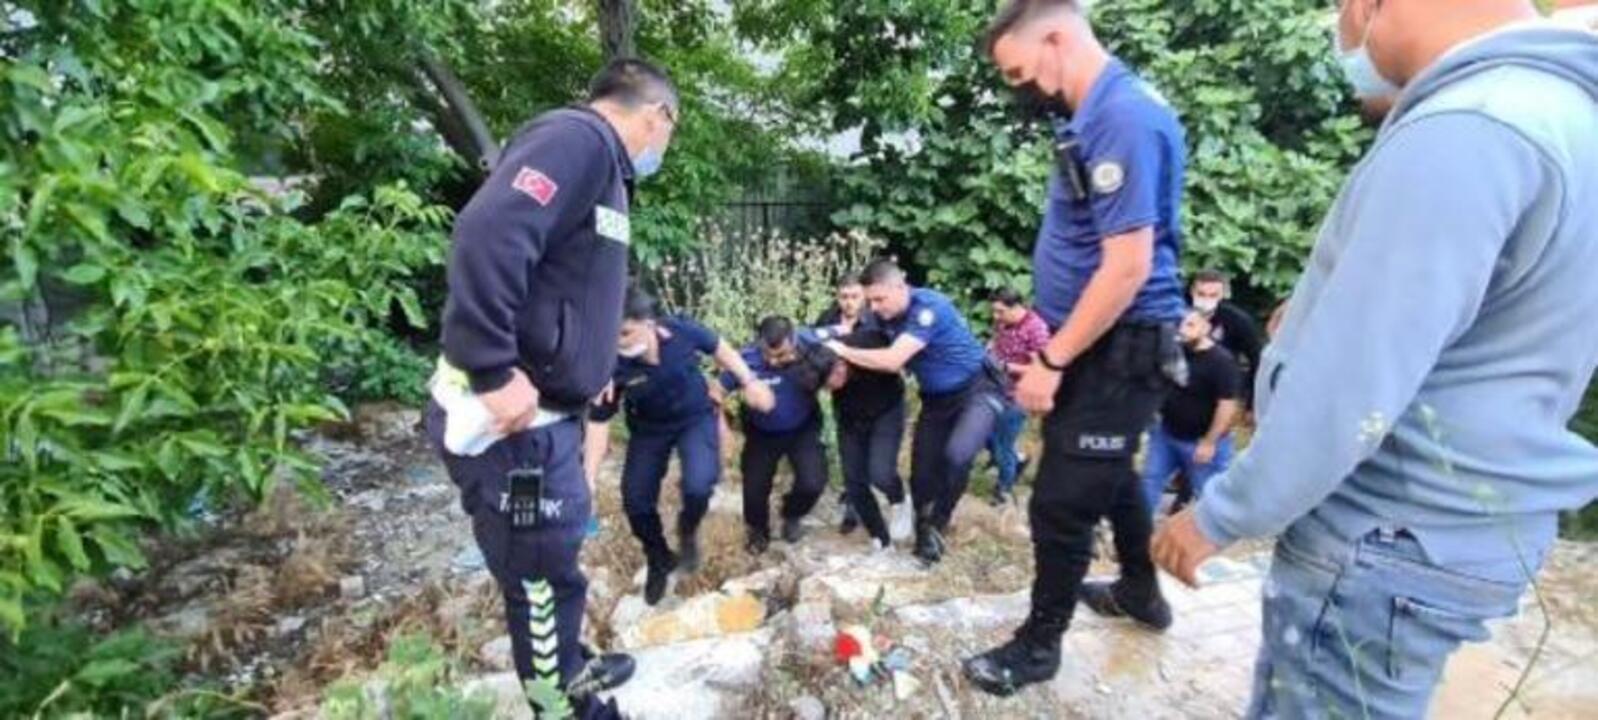 Adana'da eşini öldürdükten sonra kaçan adam çalılıkların arasında yakayı ele verdi!